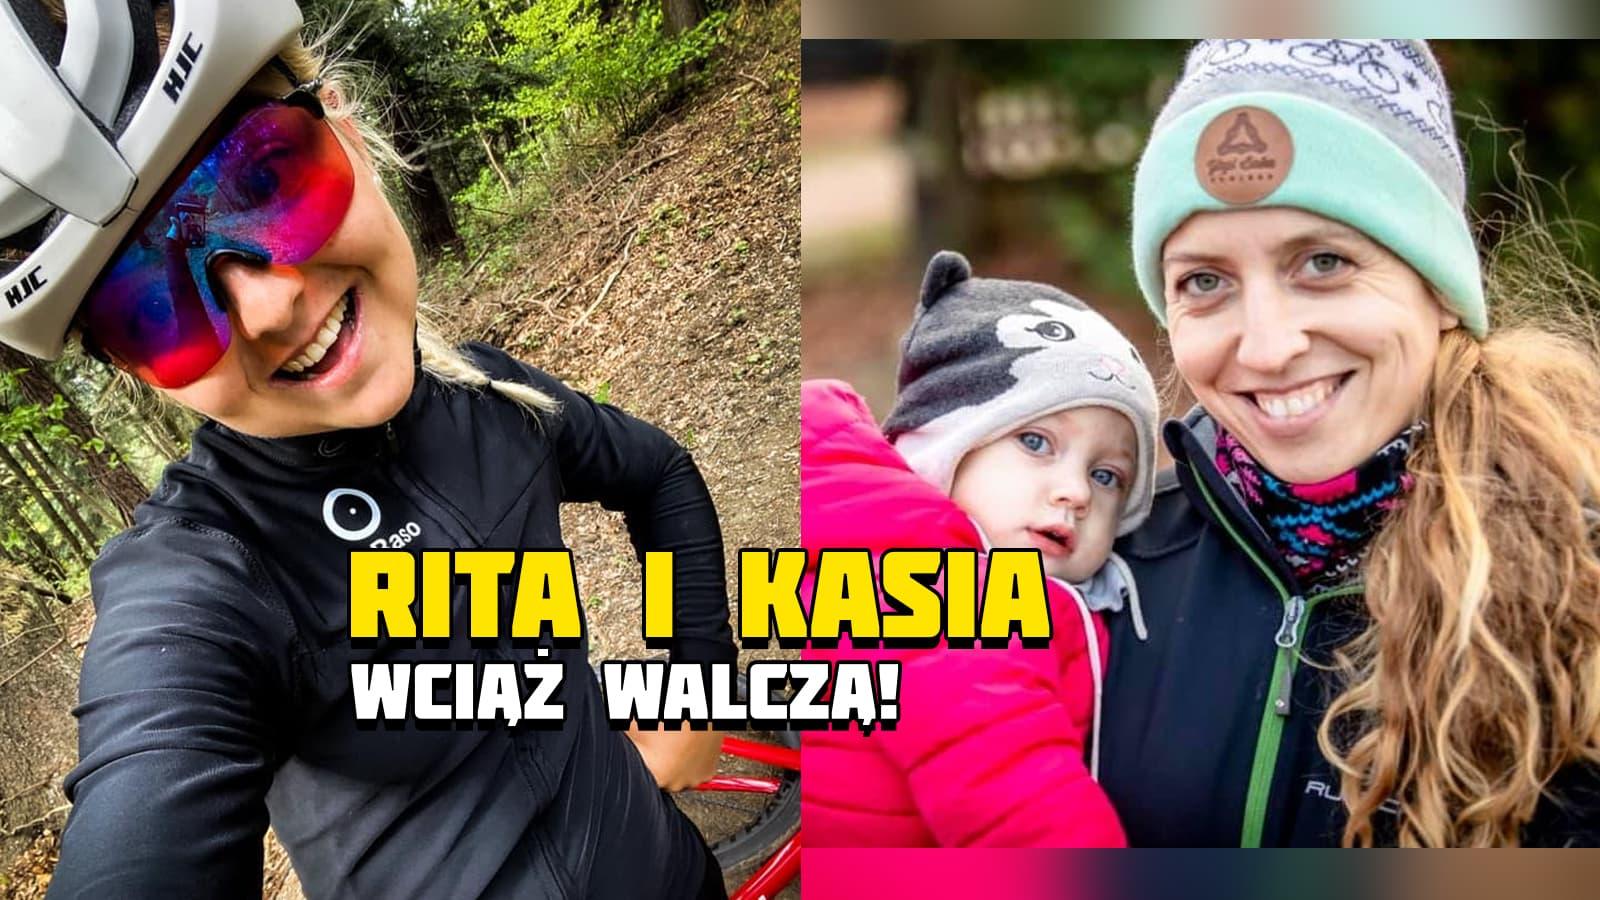 Rita i Kasia wciąż walczą! Ich stan zdrowia się poprawia, ale nadal trwa zbiórka, potrzebują naszej pomocy